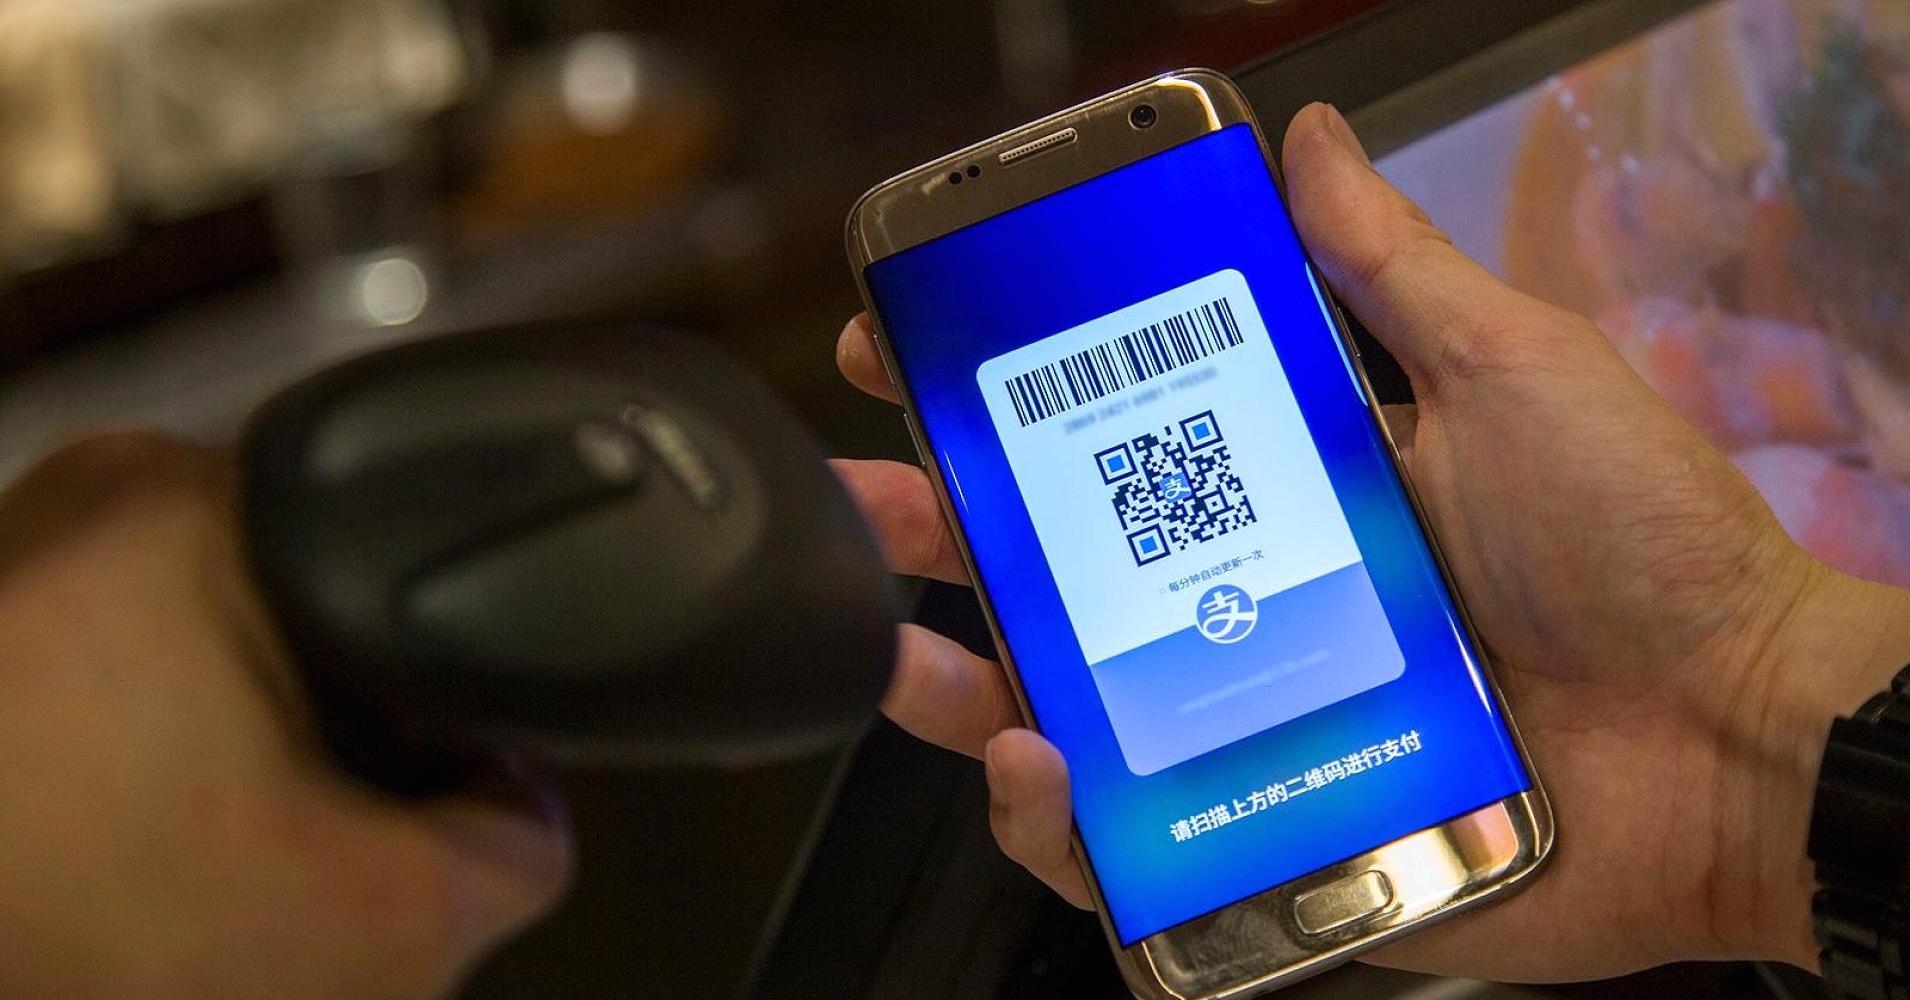 Alipay - Thương hiệu ví điện tử Alipay thuộc Alibaba ra đời năm 2004 cũng nhanh chóng chiếm lĩnh thị trường thanh toán điện tử với hơn 150 triệu người hiện đang sử dụng.